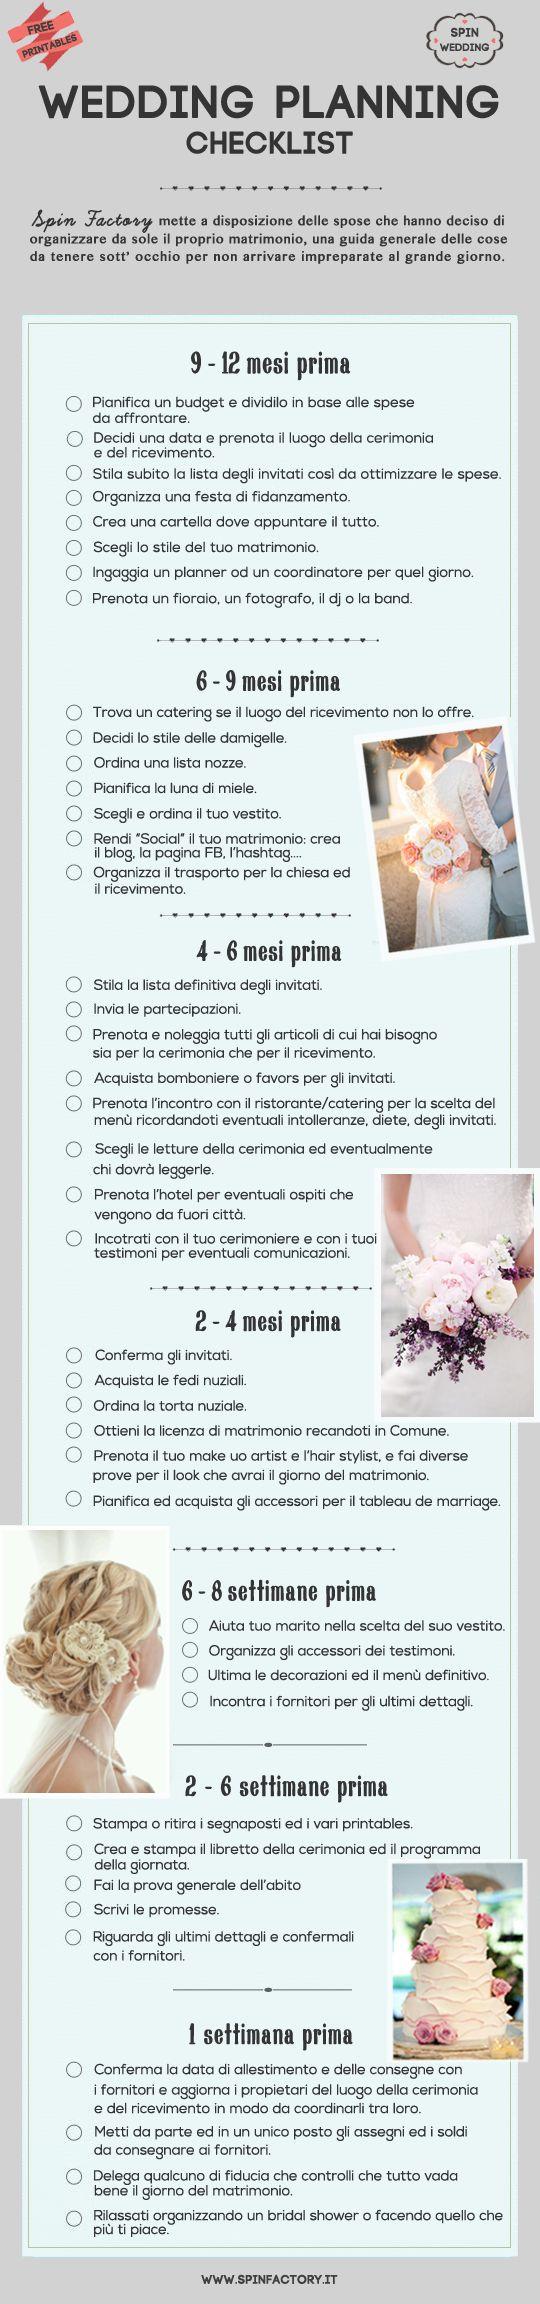 Ultimate Wedding planning checklist in italiano. Per la sposa italiana che organizza da sola il proprio matrimonio.